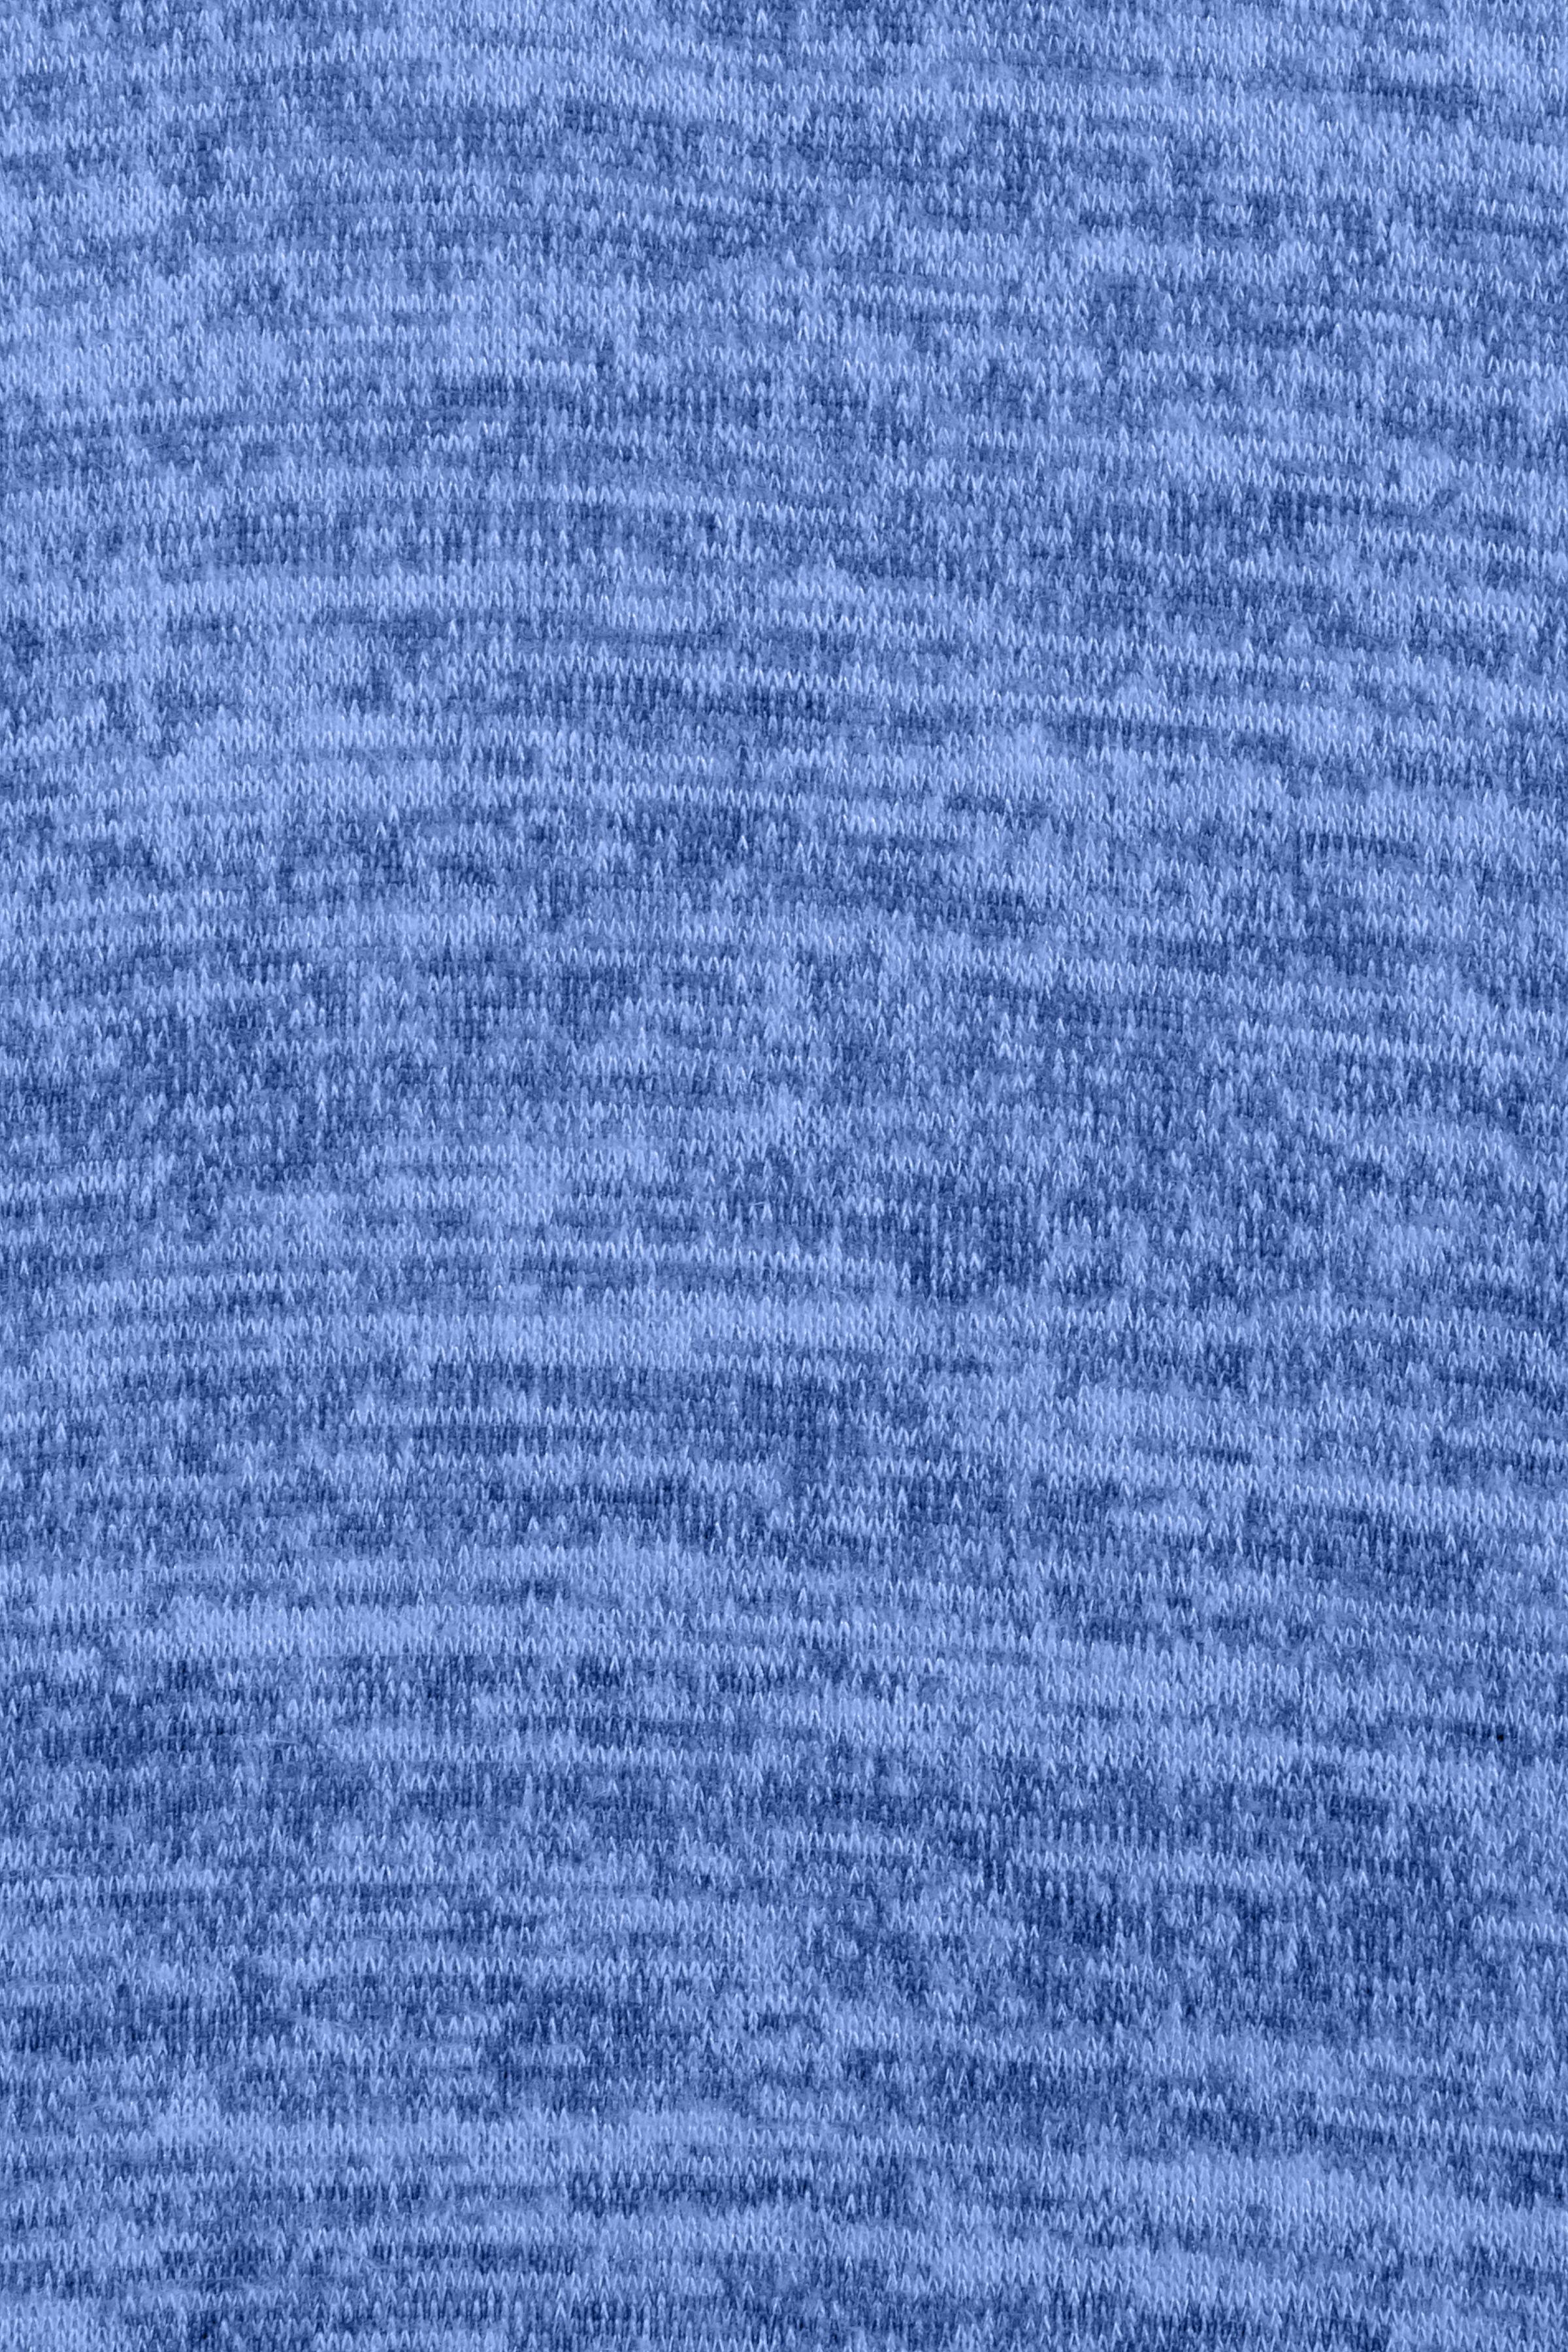 Blåmelerad/vit Långärmad blus  från Fransa – Köp Blåmelerad/vit Långärmad blus  från stl. XS-XXL här